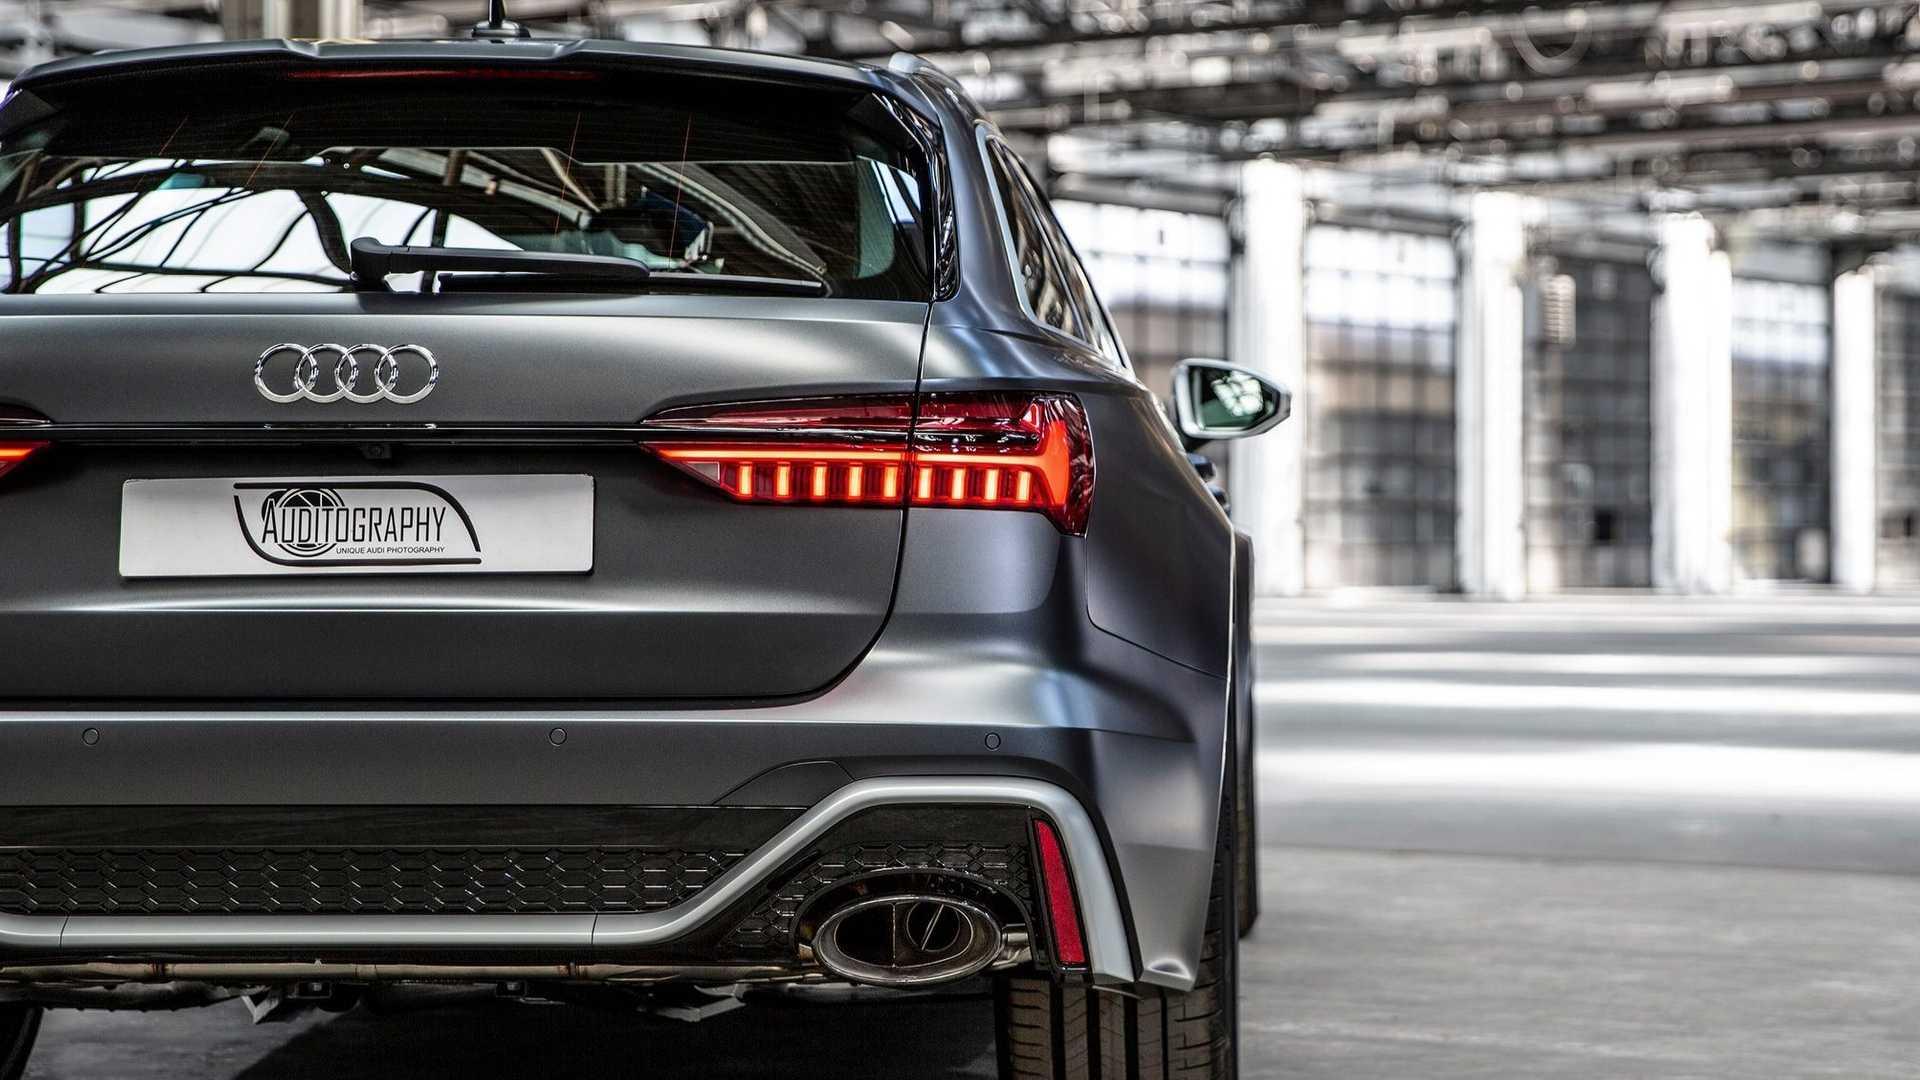 Audi RS6 Avant lần đầu ra mắt tại Mỹ kỷ niệm 25 năm dòng xe RS của Audi - 6